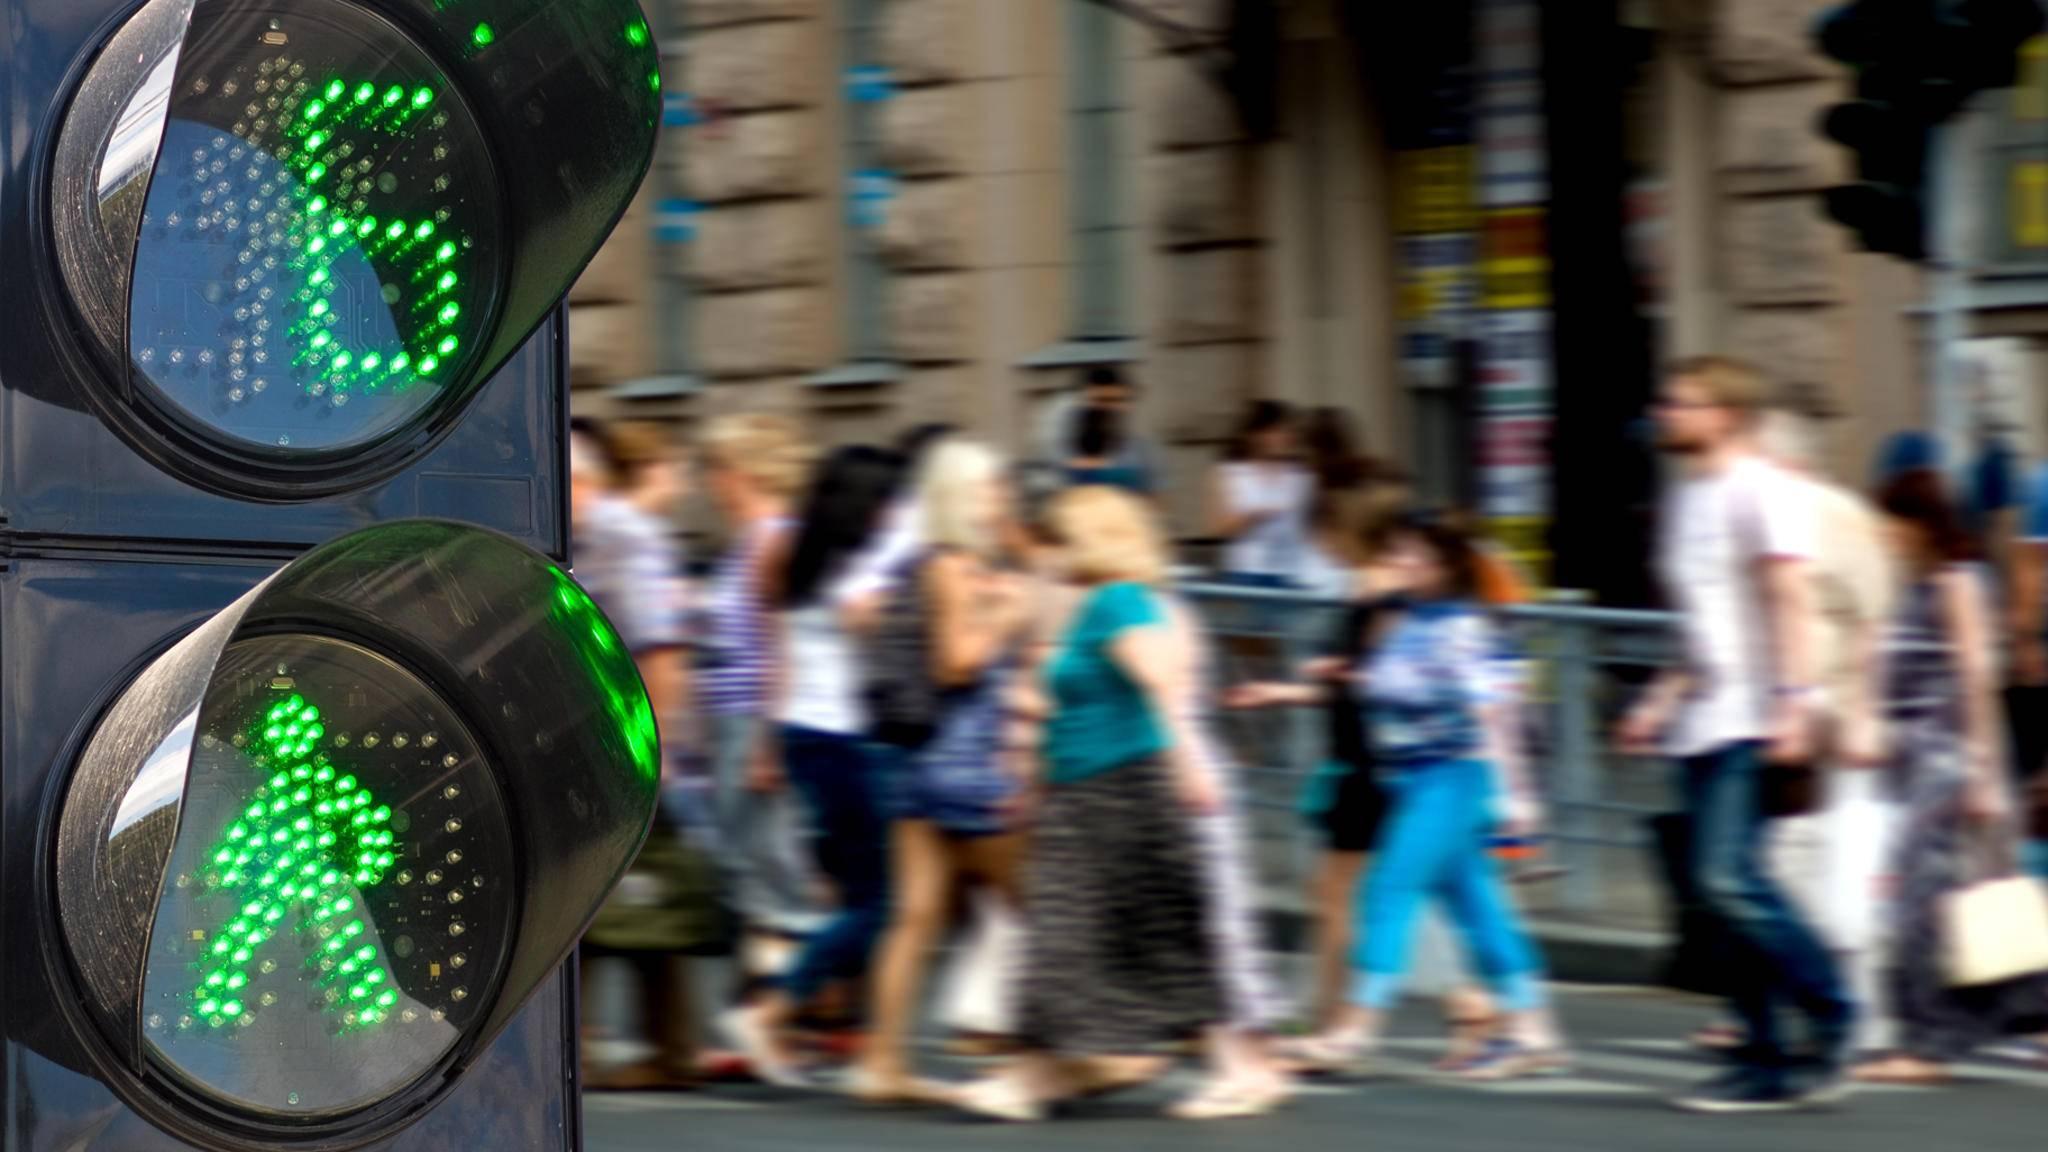 """Wollen noch viele Menschen die Straße überqueren, verlängert die """"denkende Ampel"""" die Grünphase einfach."""